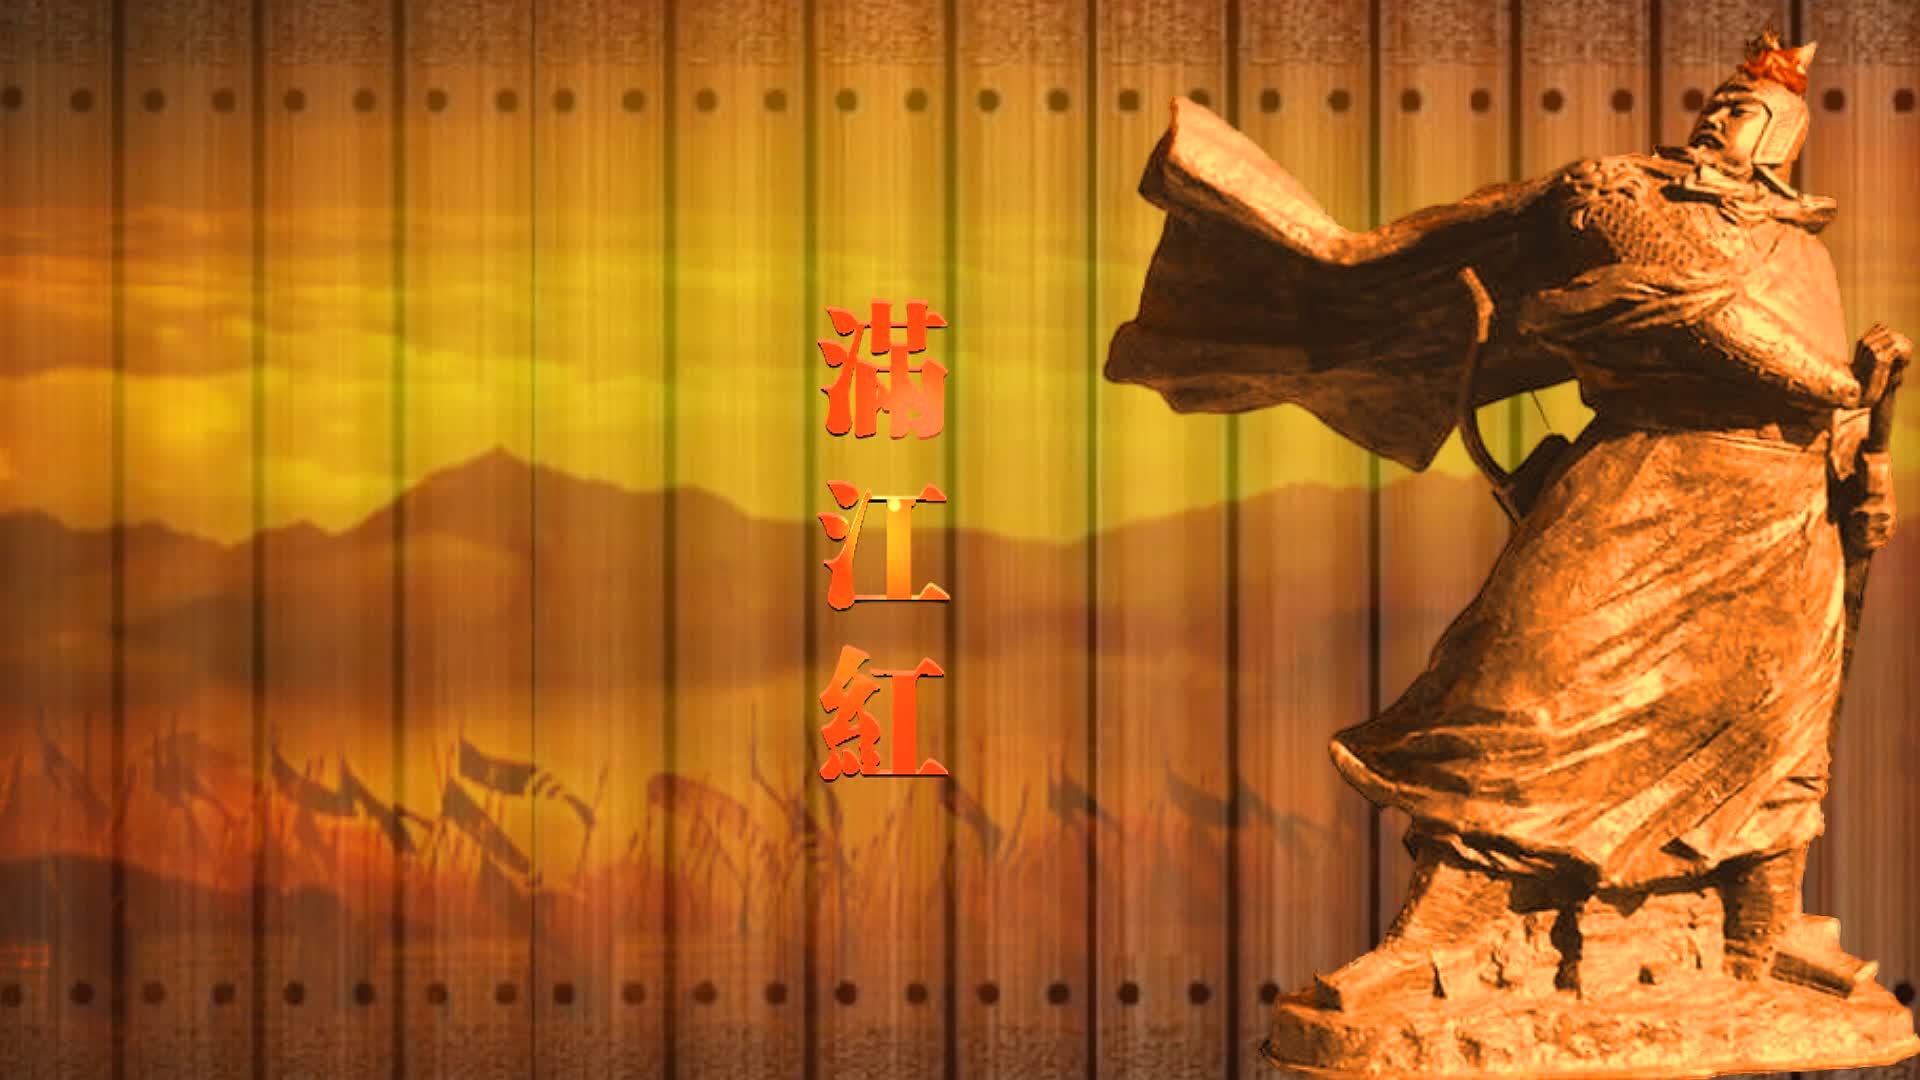 配乐成品 岳飞 满江红 词朗诵 中华诗词 古典诗词 古战场 配乐朗诵